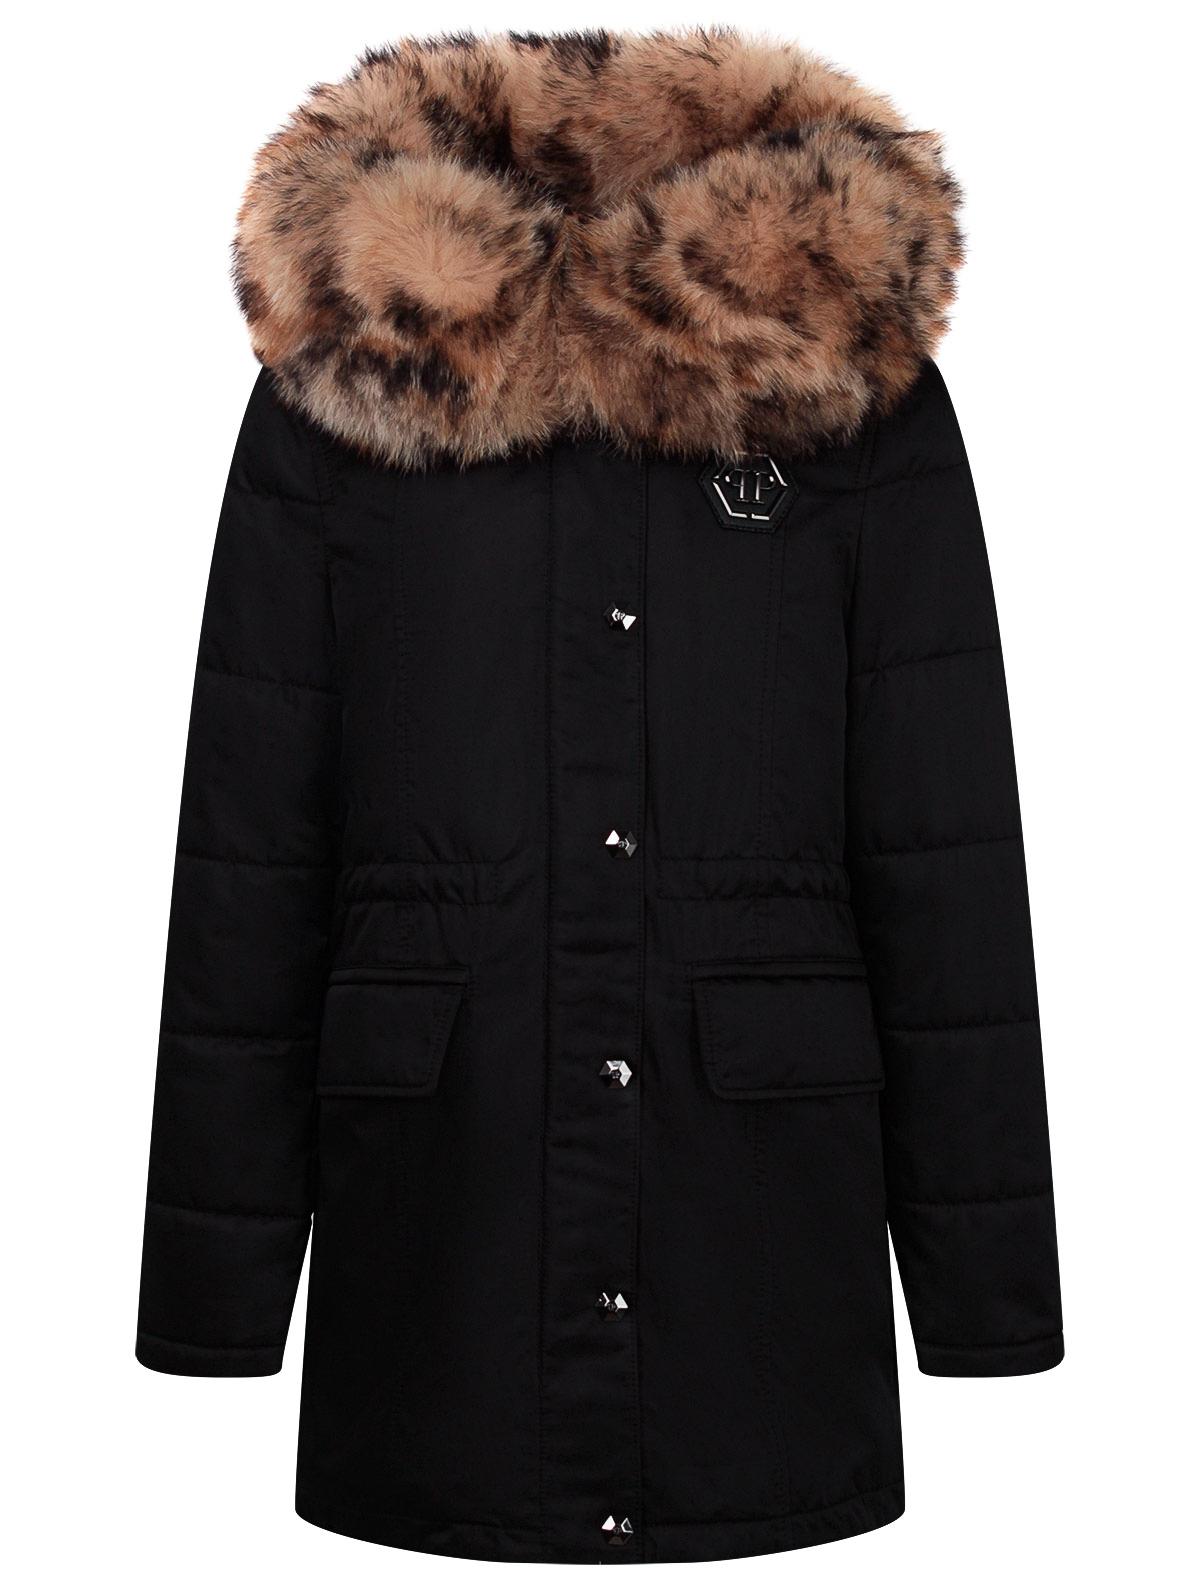 2242989, Куртка Philipp Plein, черный, Женский, 1074509082118  - купить со скидкой